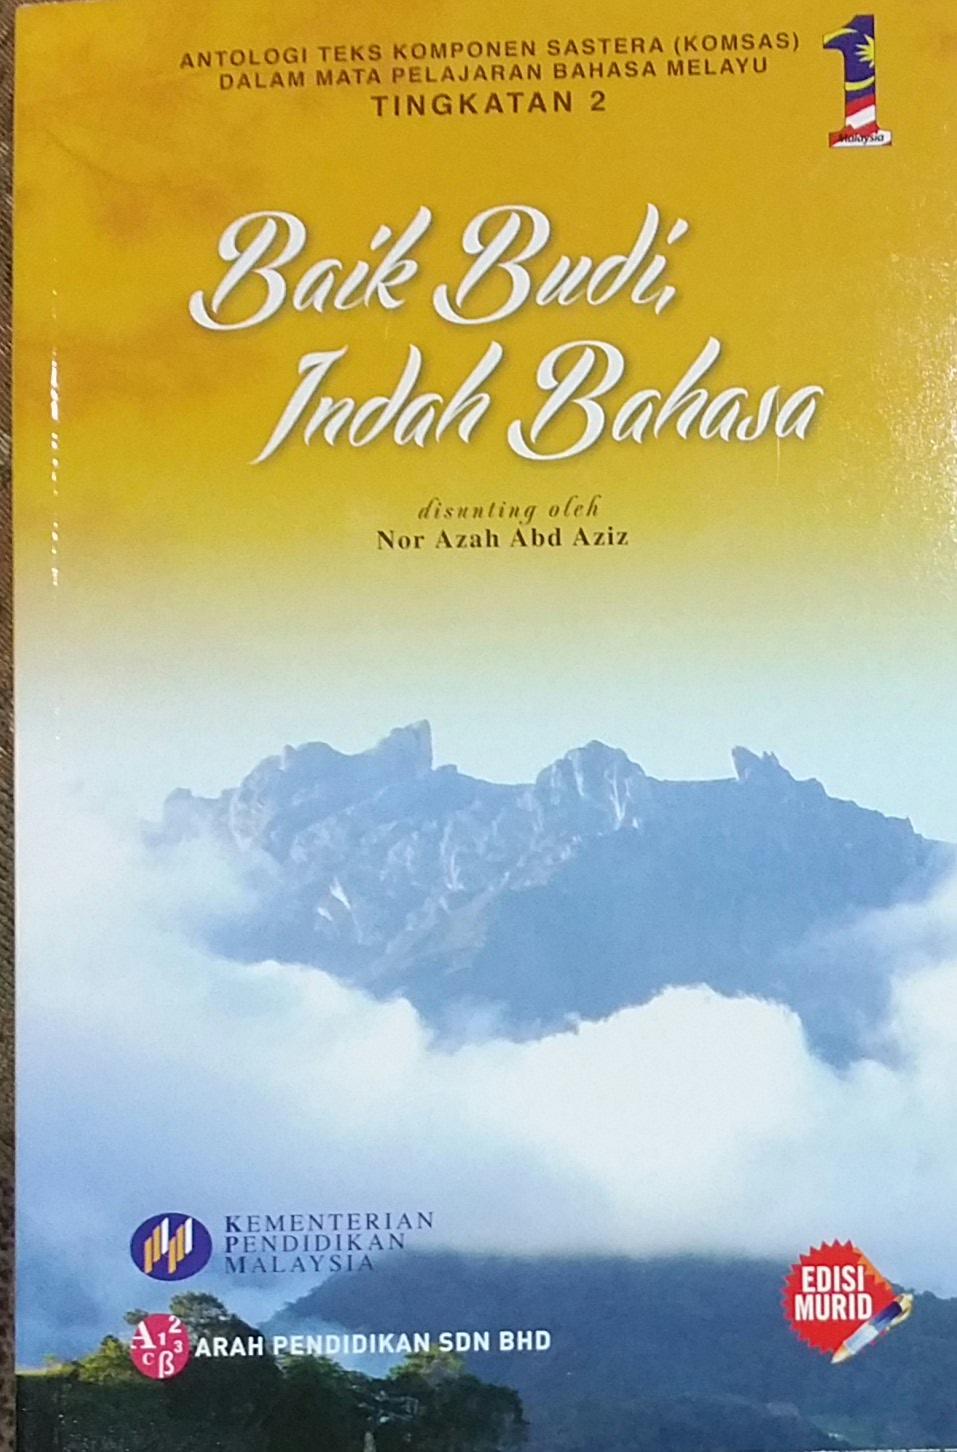 SELAMAT DATANG KE LAMAN ANALISIS ANTOLOGI BAIK BUDI INDAH BAHASA